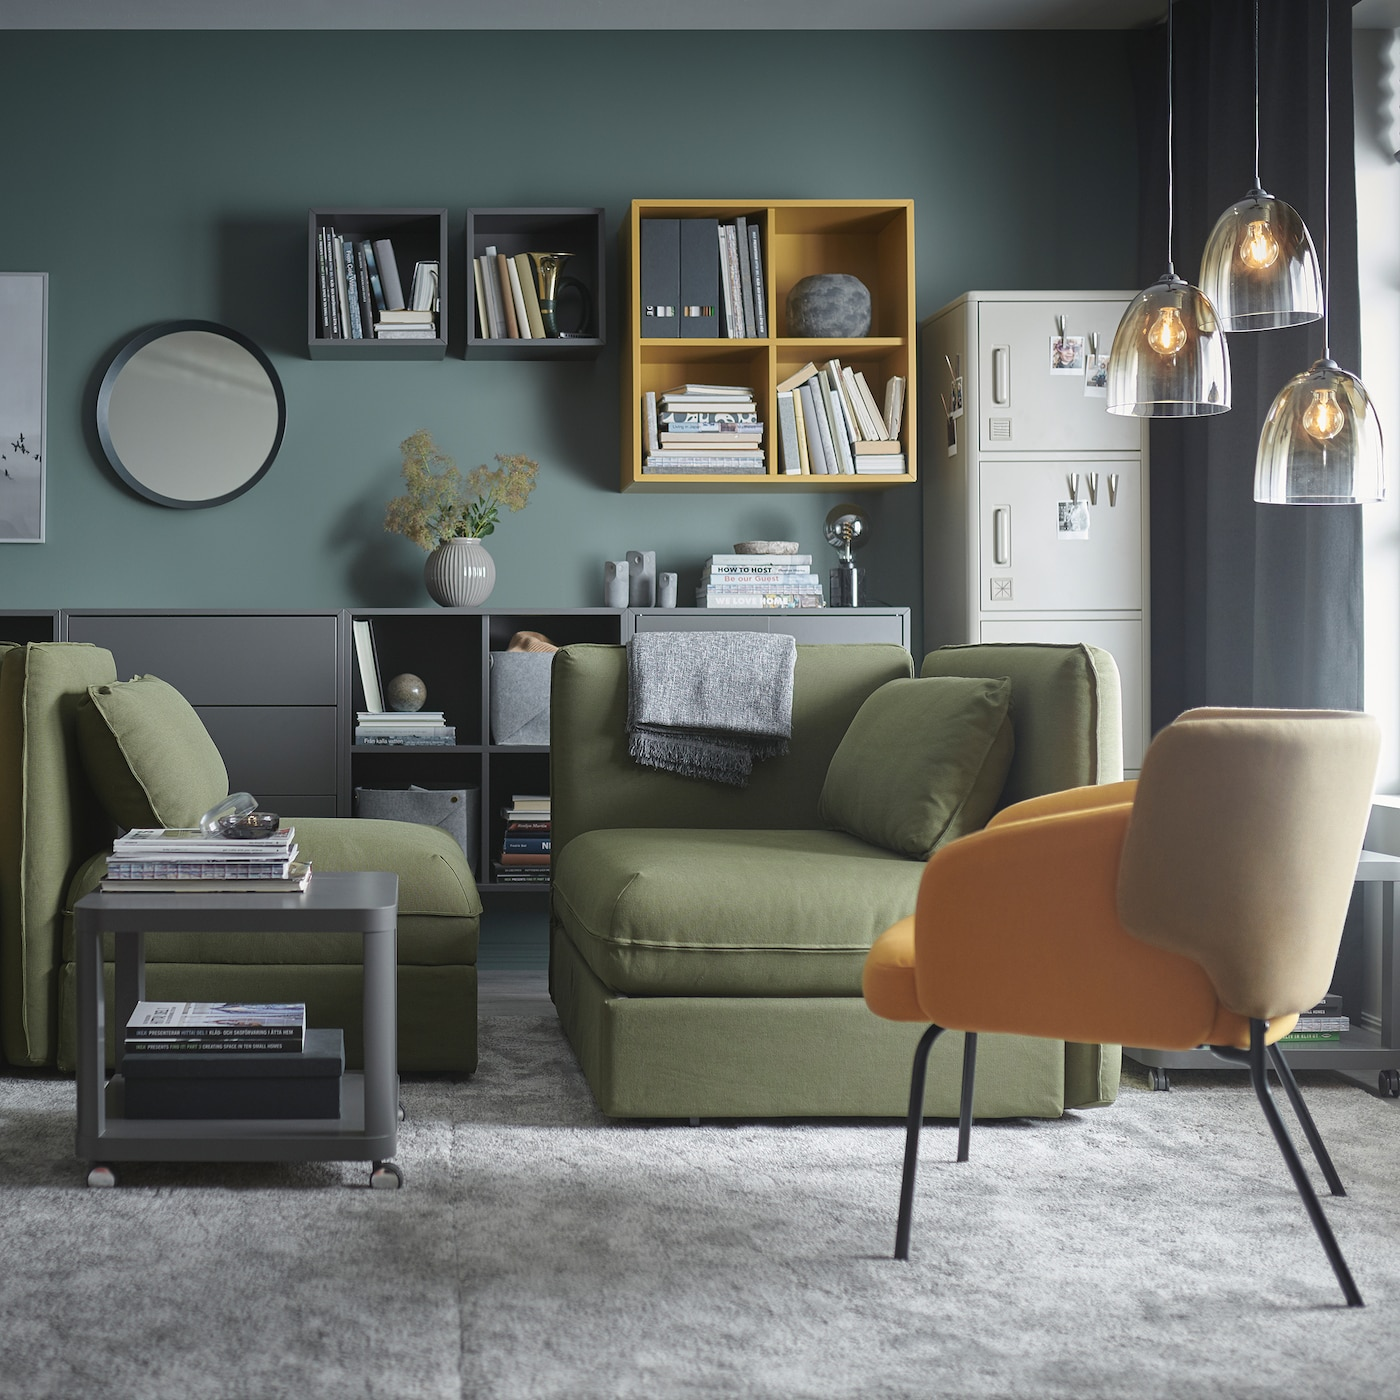 Ikea Mobili In Vimini lasciati ispirare dai nostri soggiorni - ikea